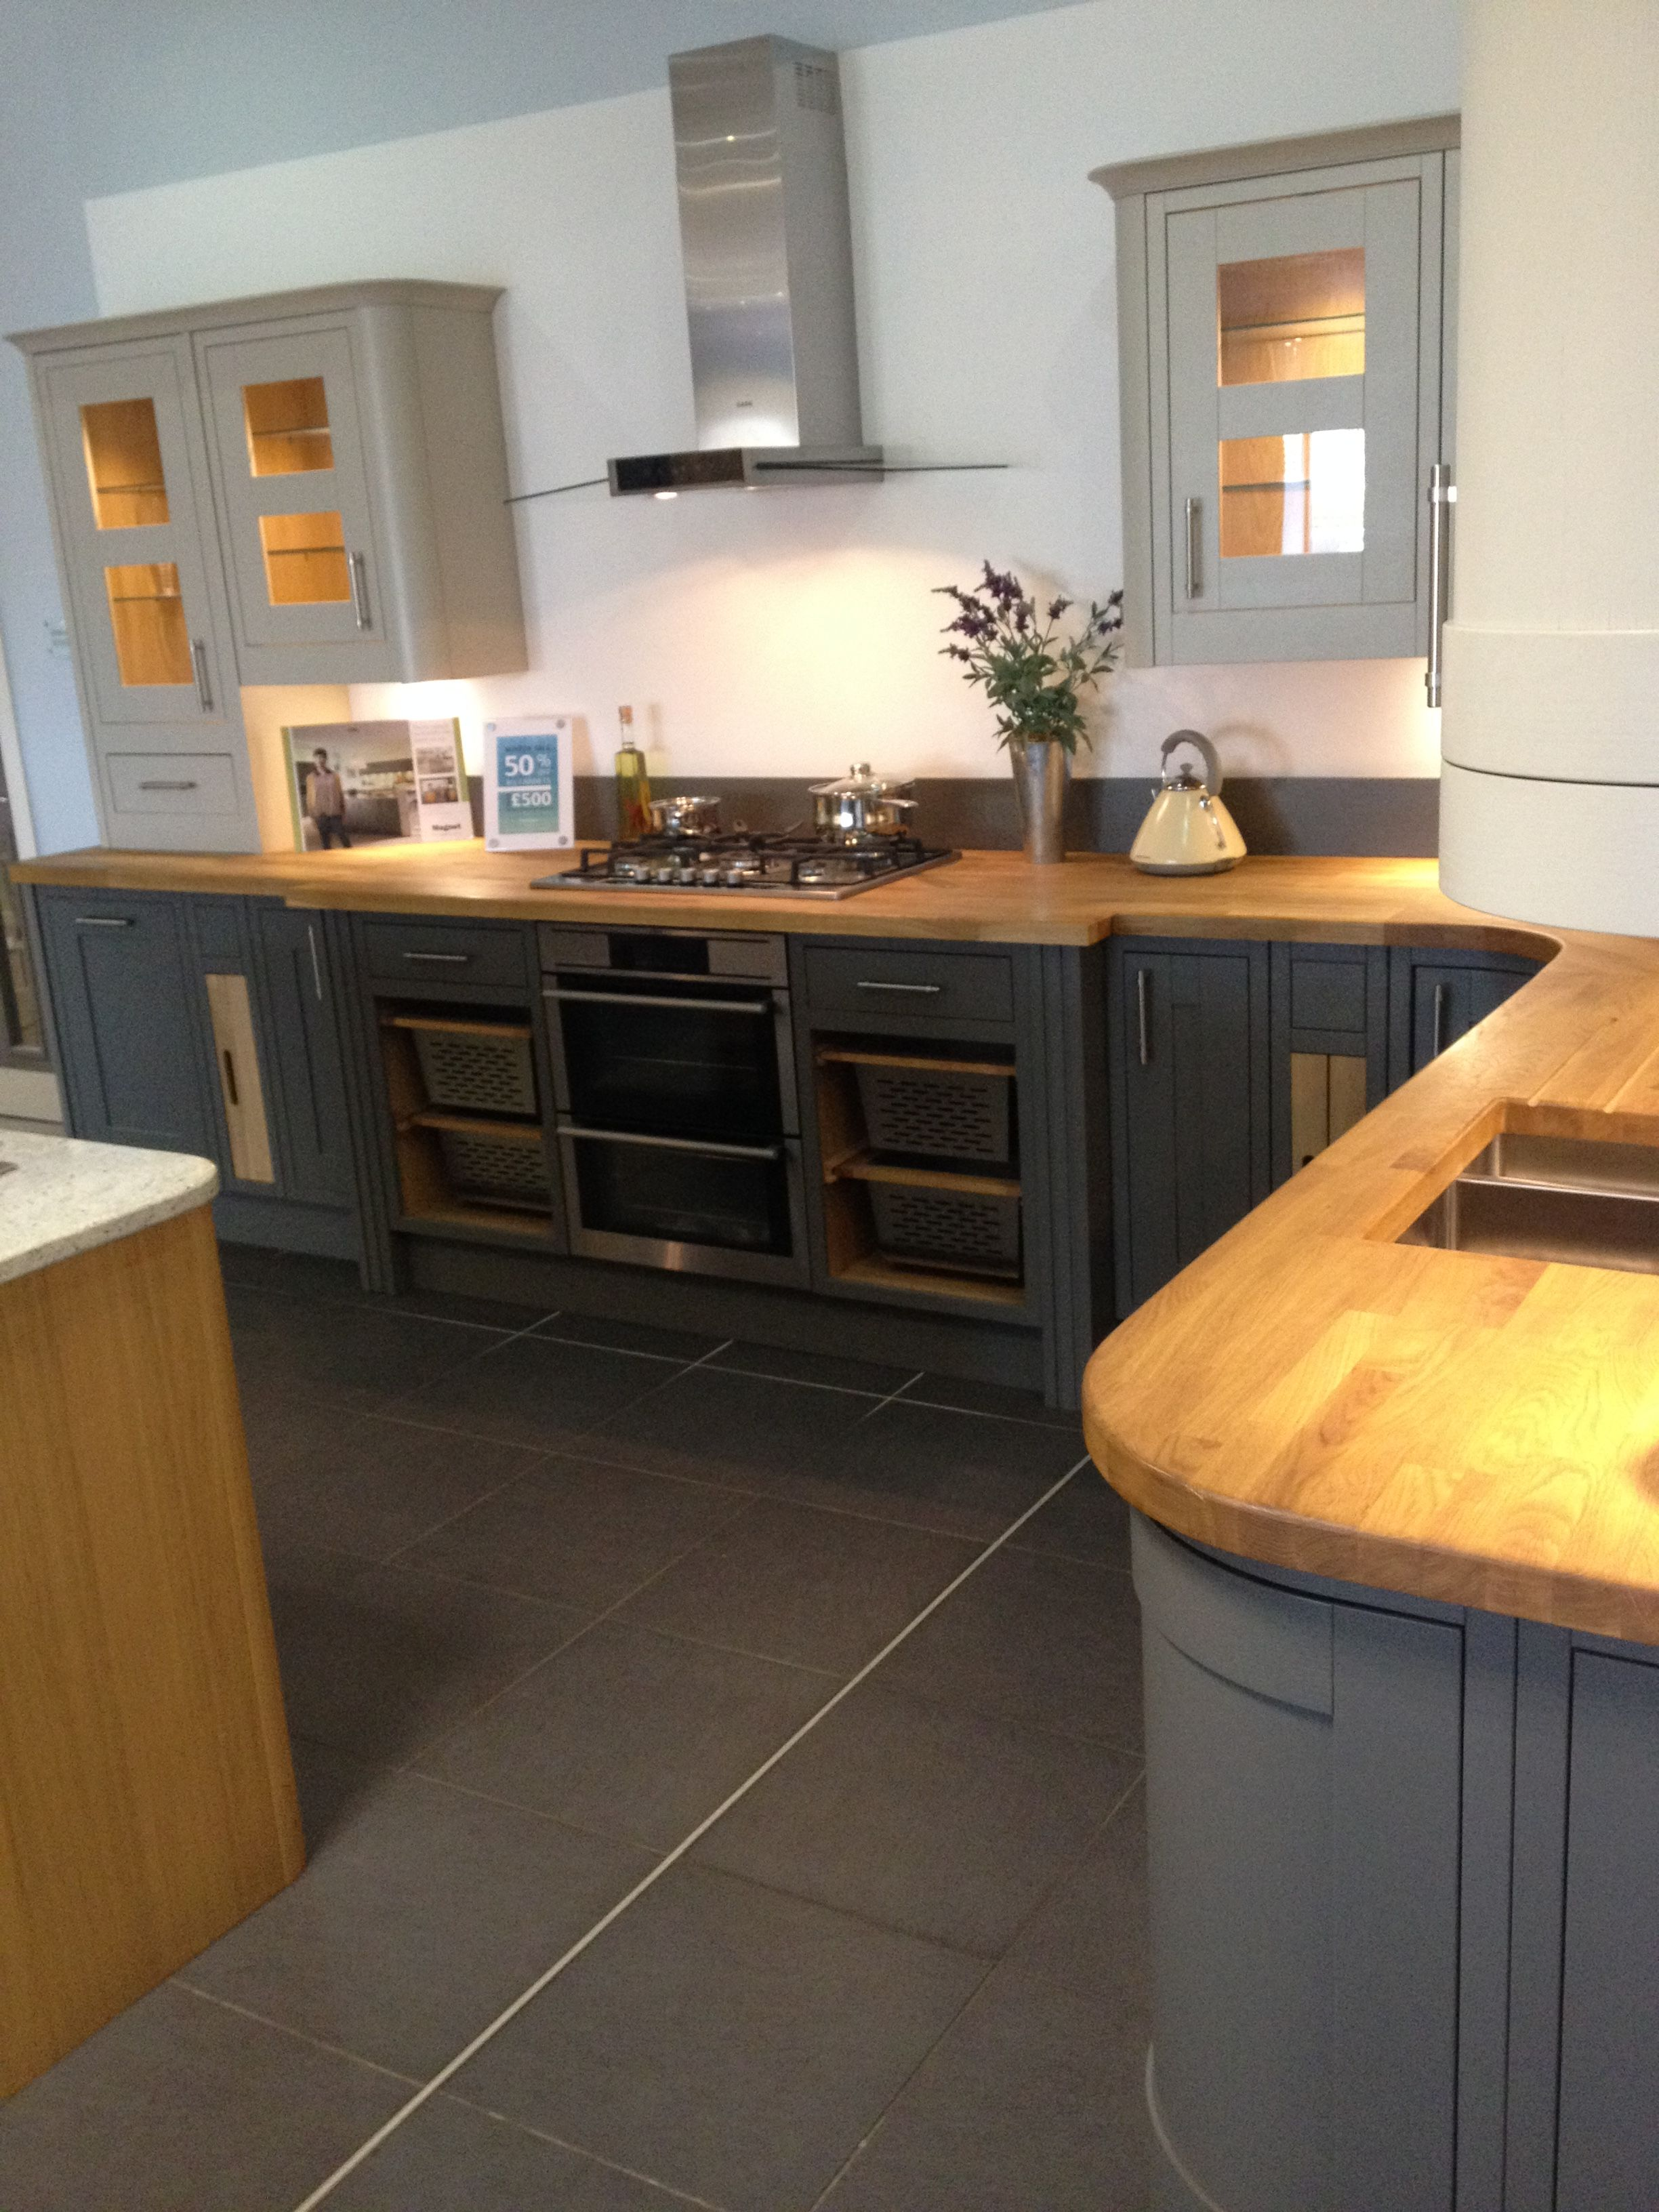 somerton sage & somerton fern kitchen from magnet | best home